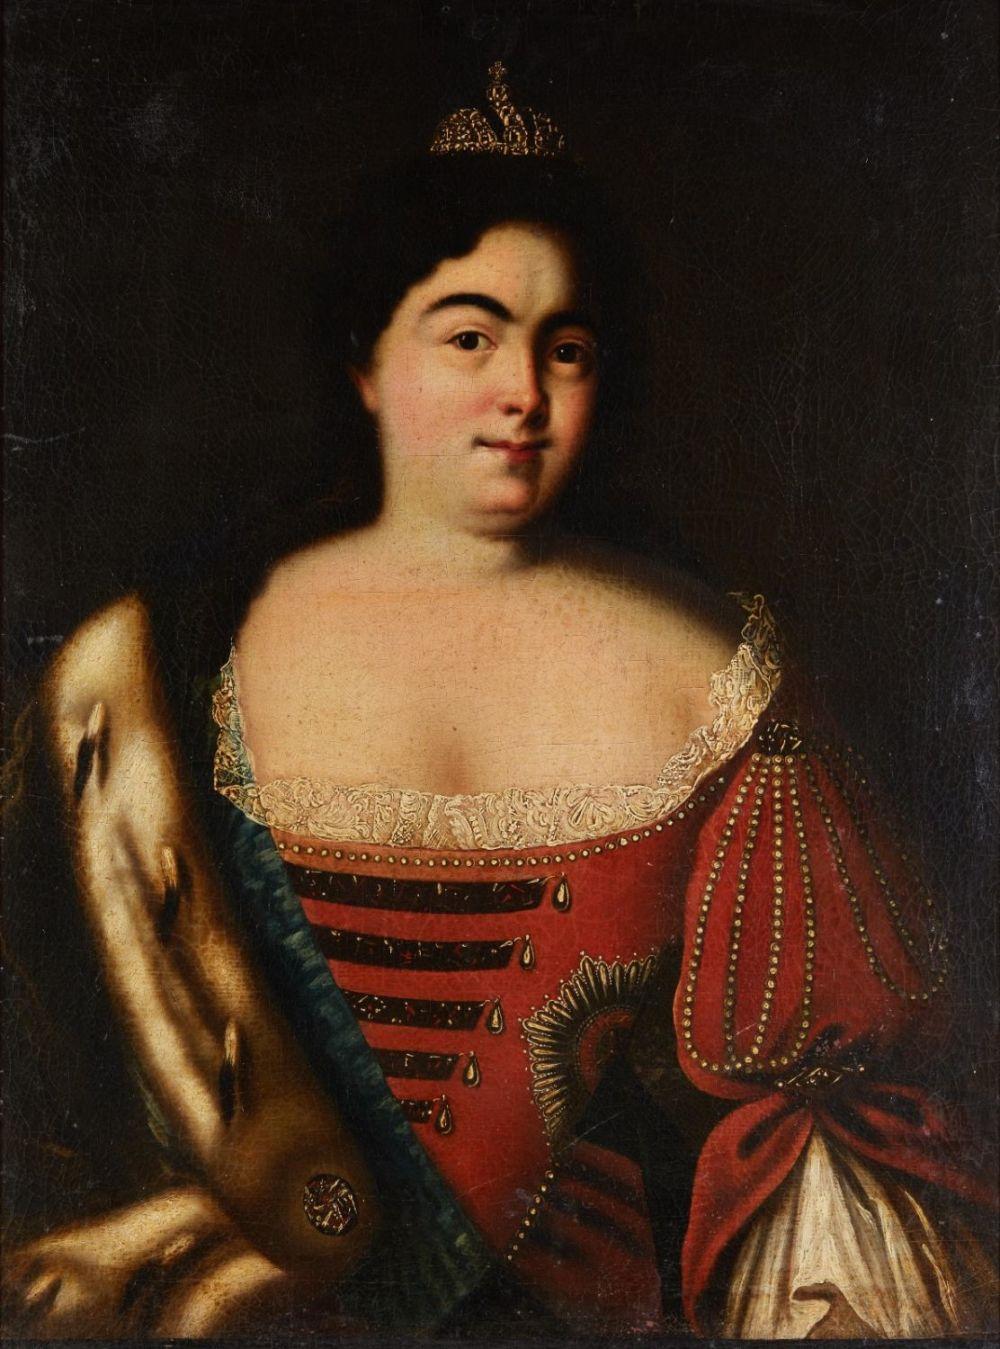 Портрет императрицы Екатерины I